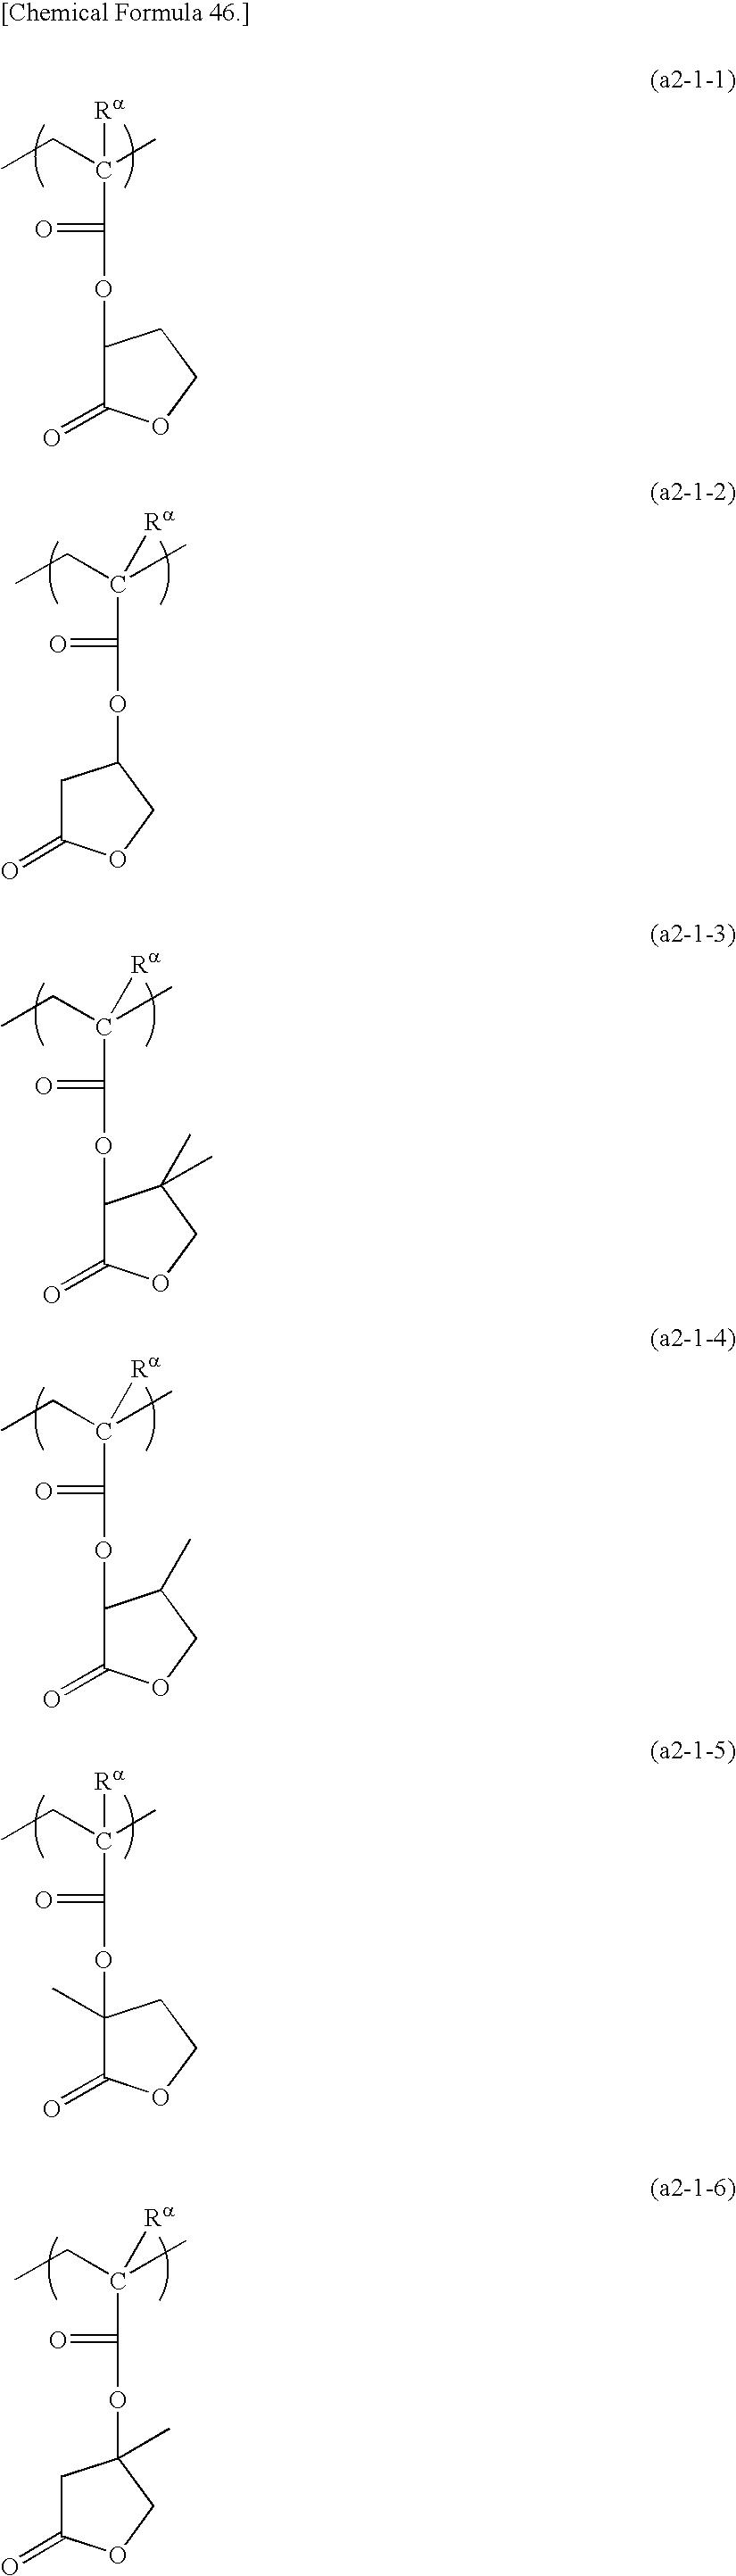 Figure US20100196821A1-20100805-C00067